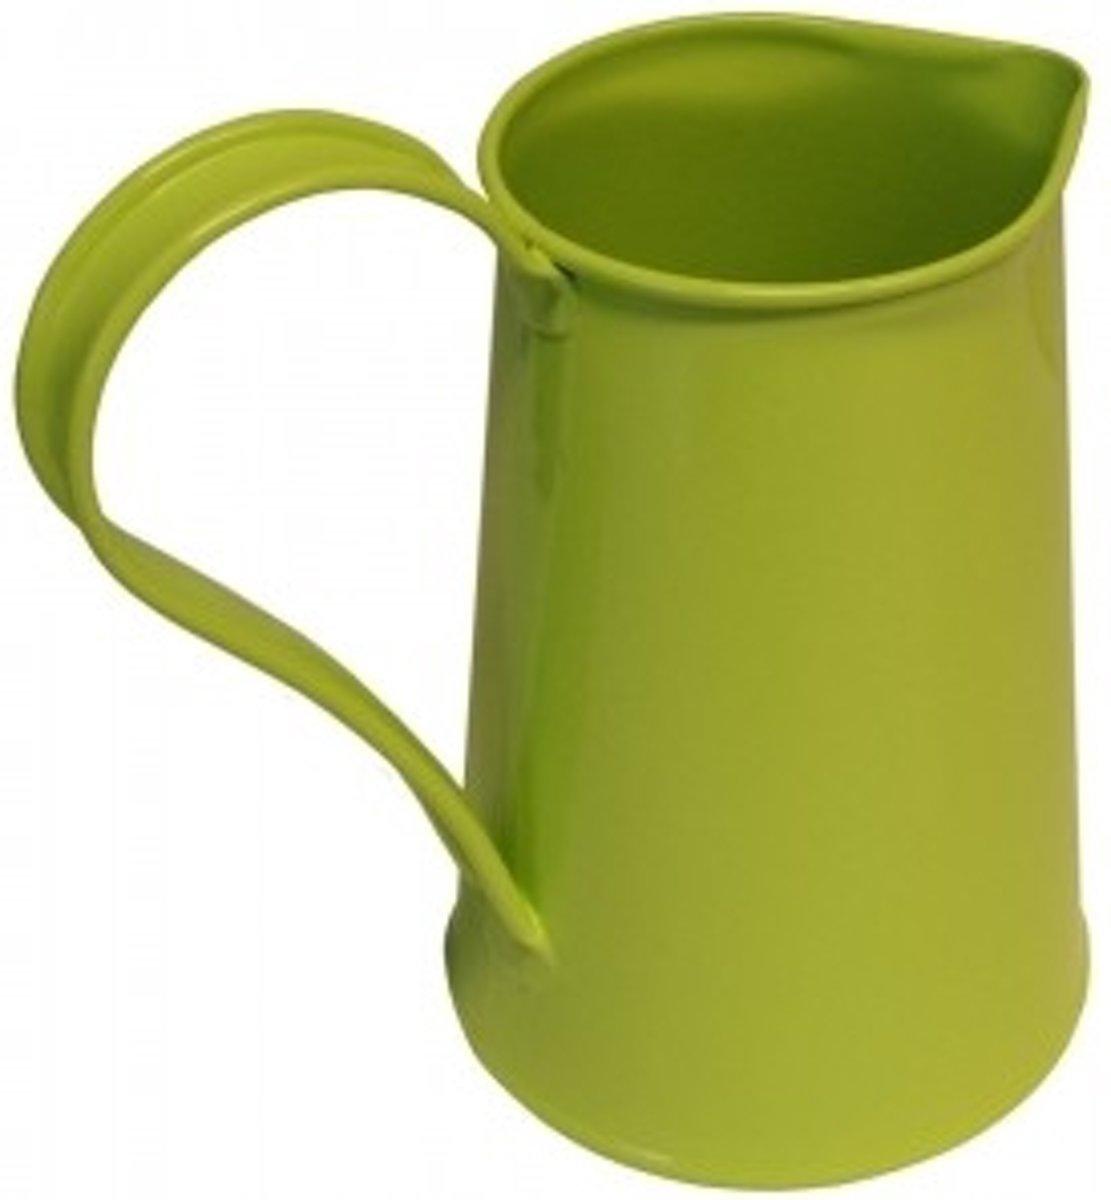 Metaal Waterkan Lime 1.8 liter kopen